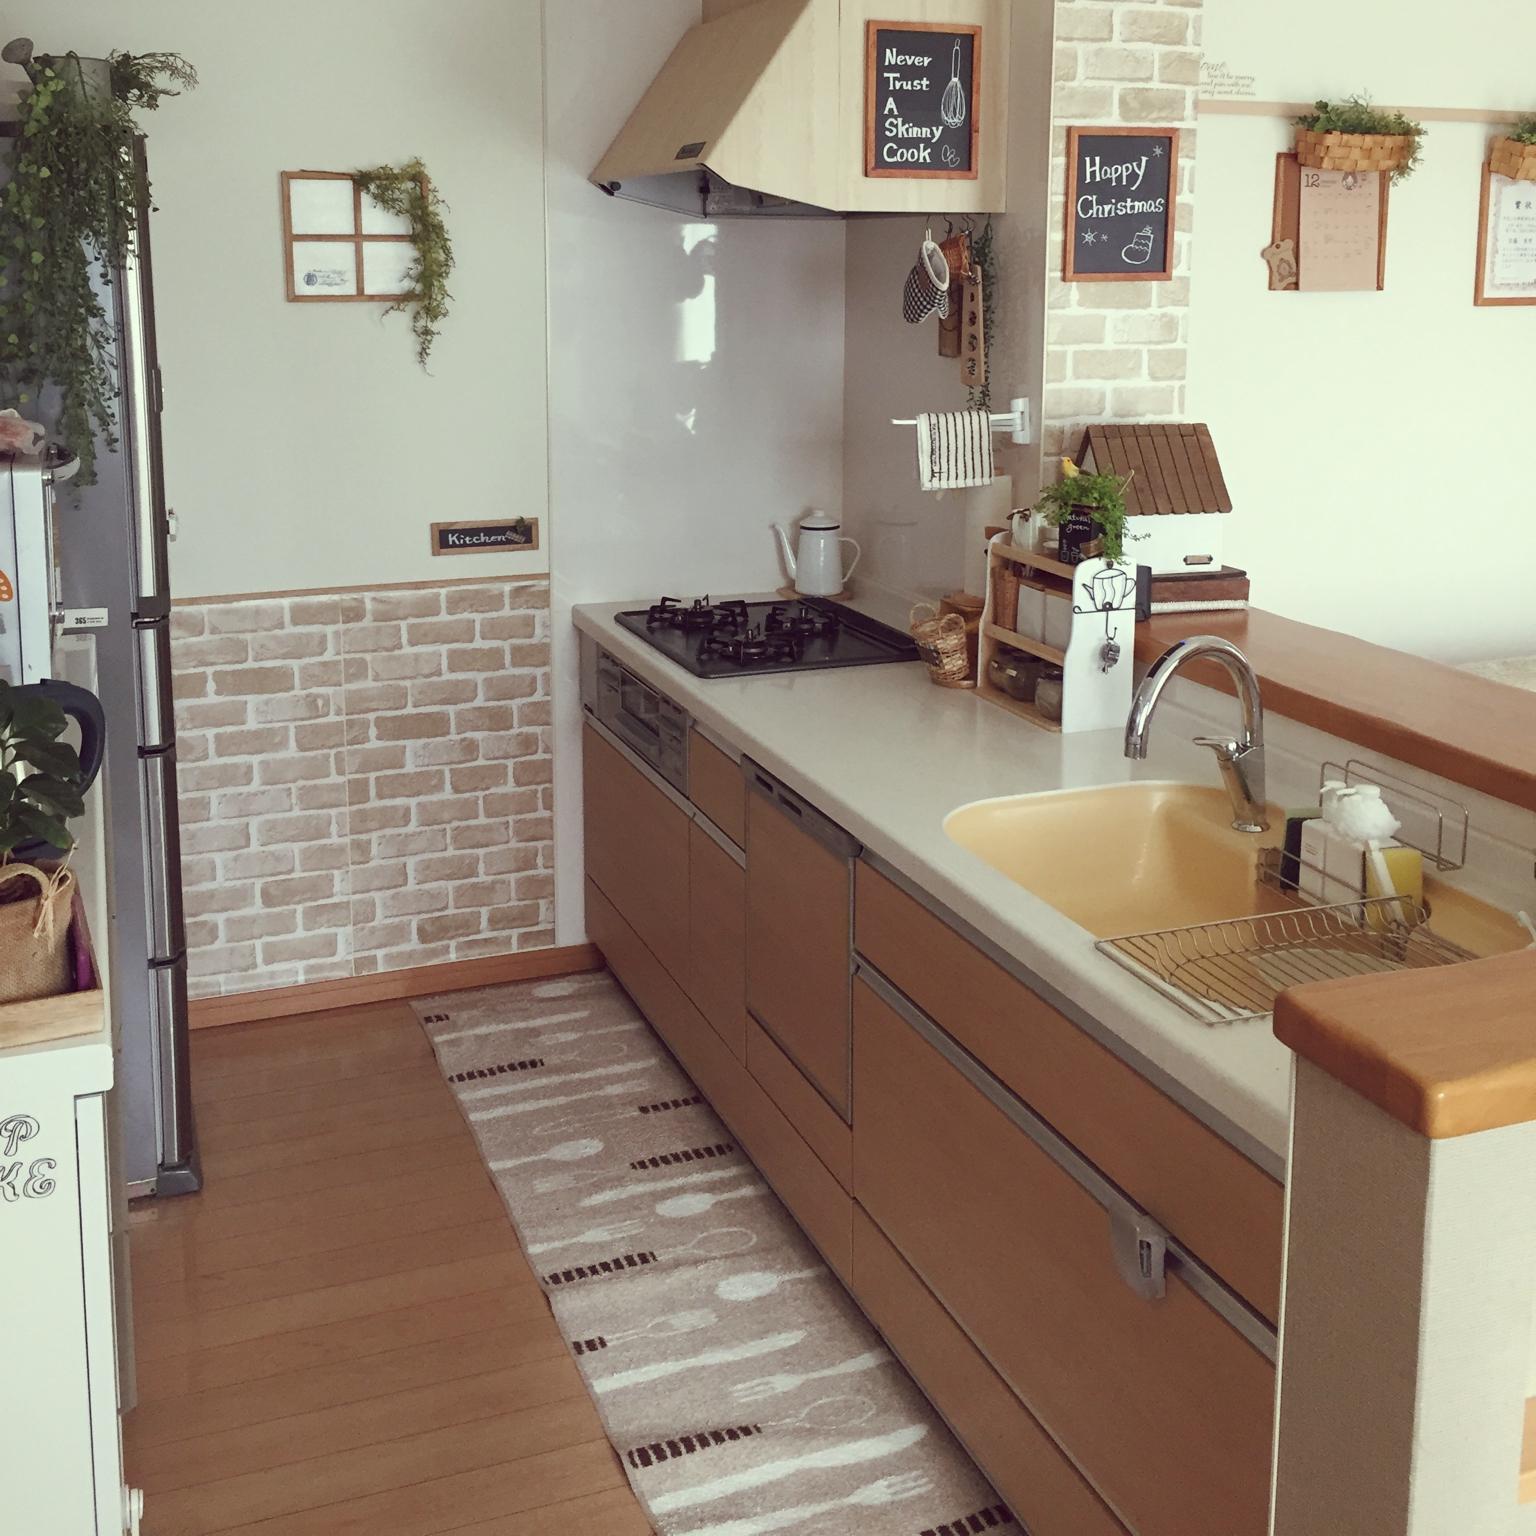 お気に入りのキッチン完成♪キッチンのリメイクアイディア実例集 | RoomClip mag | 暮らしとインテリアのwebマガジン